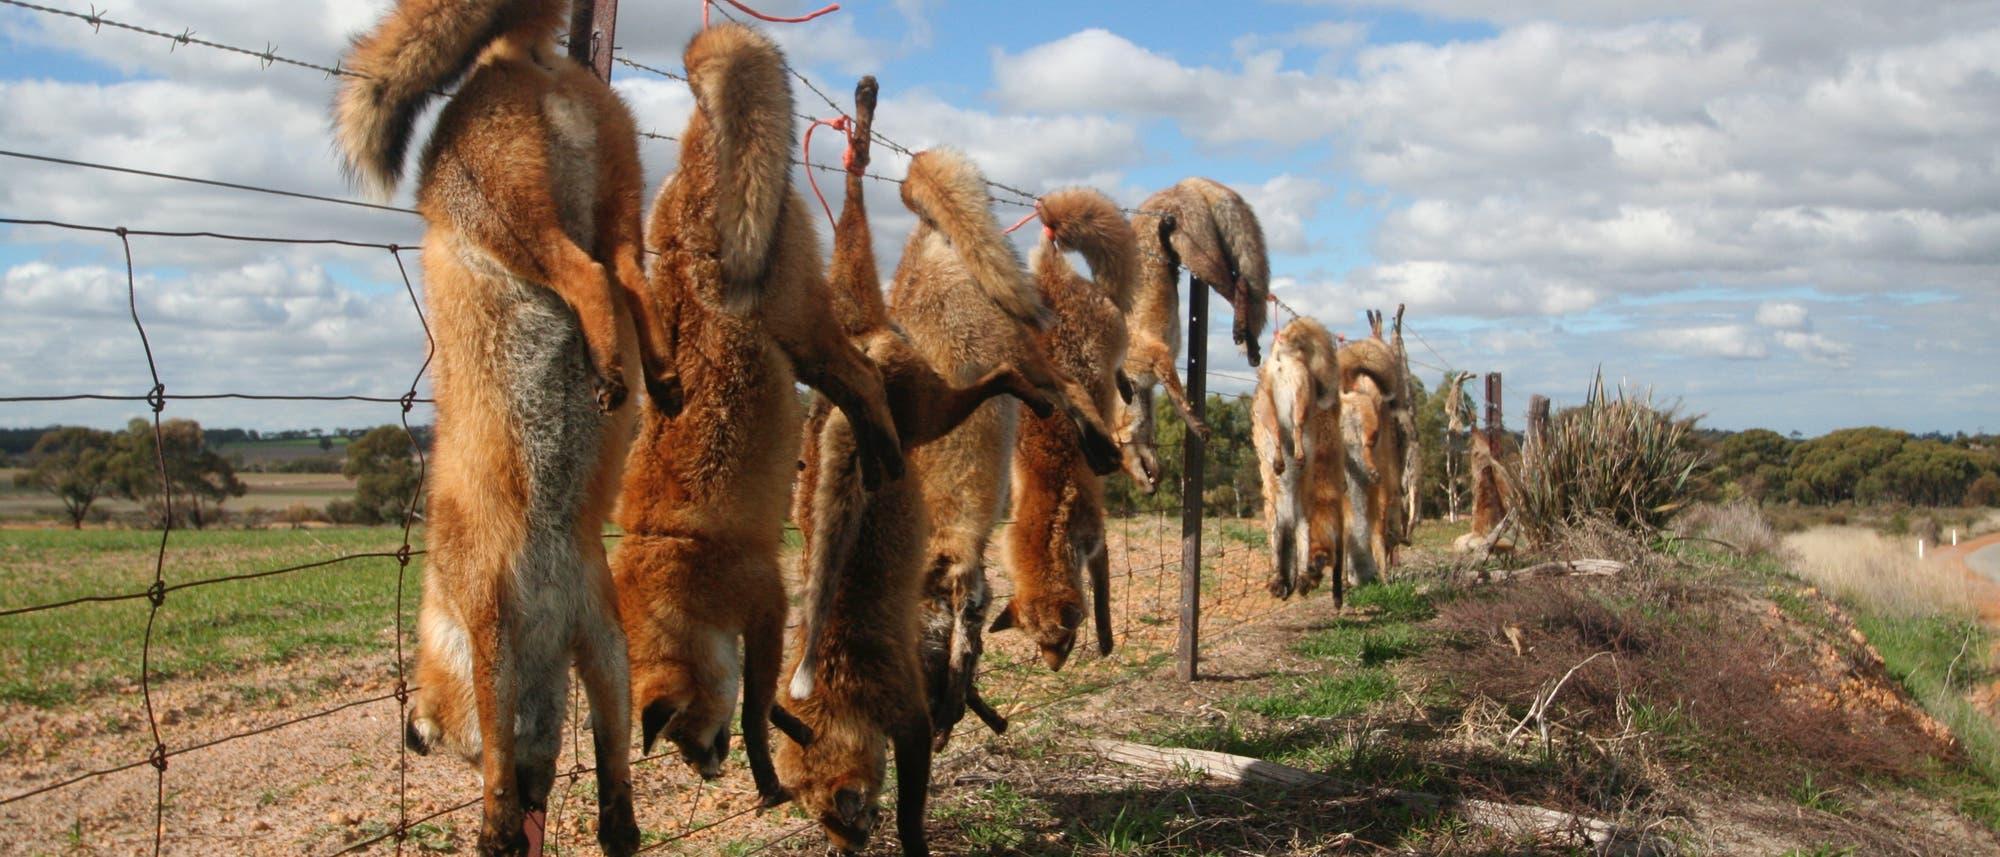 Erlegte Füchse auf einem Zaun im australischen Outback